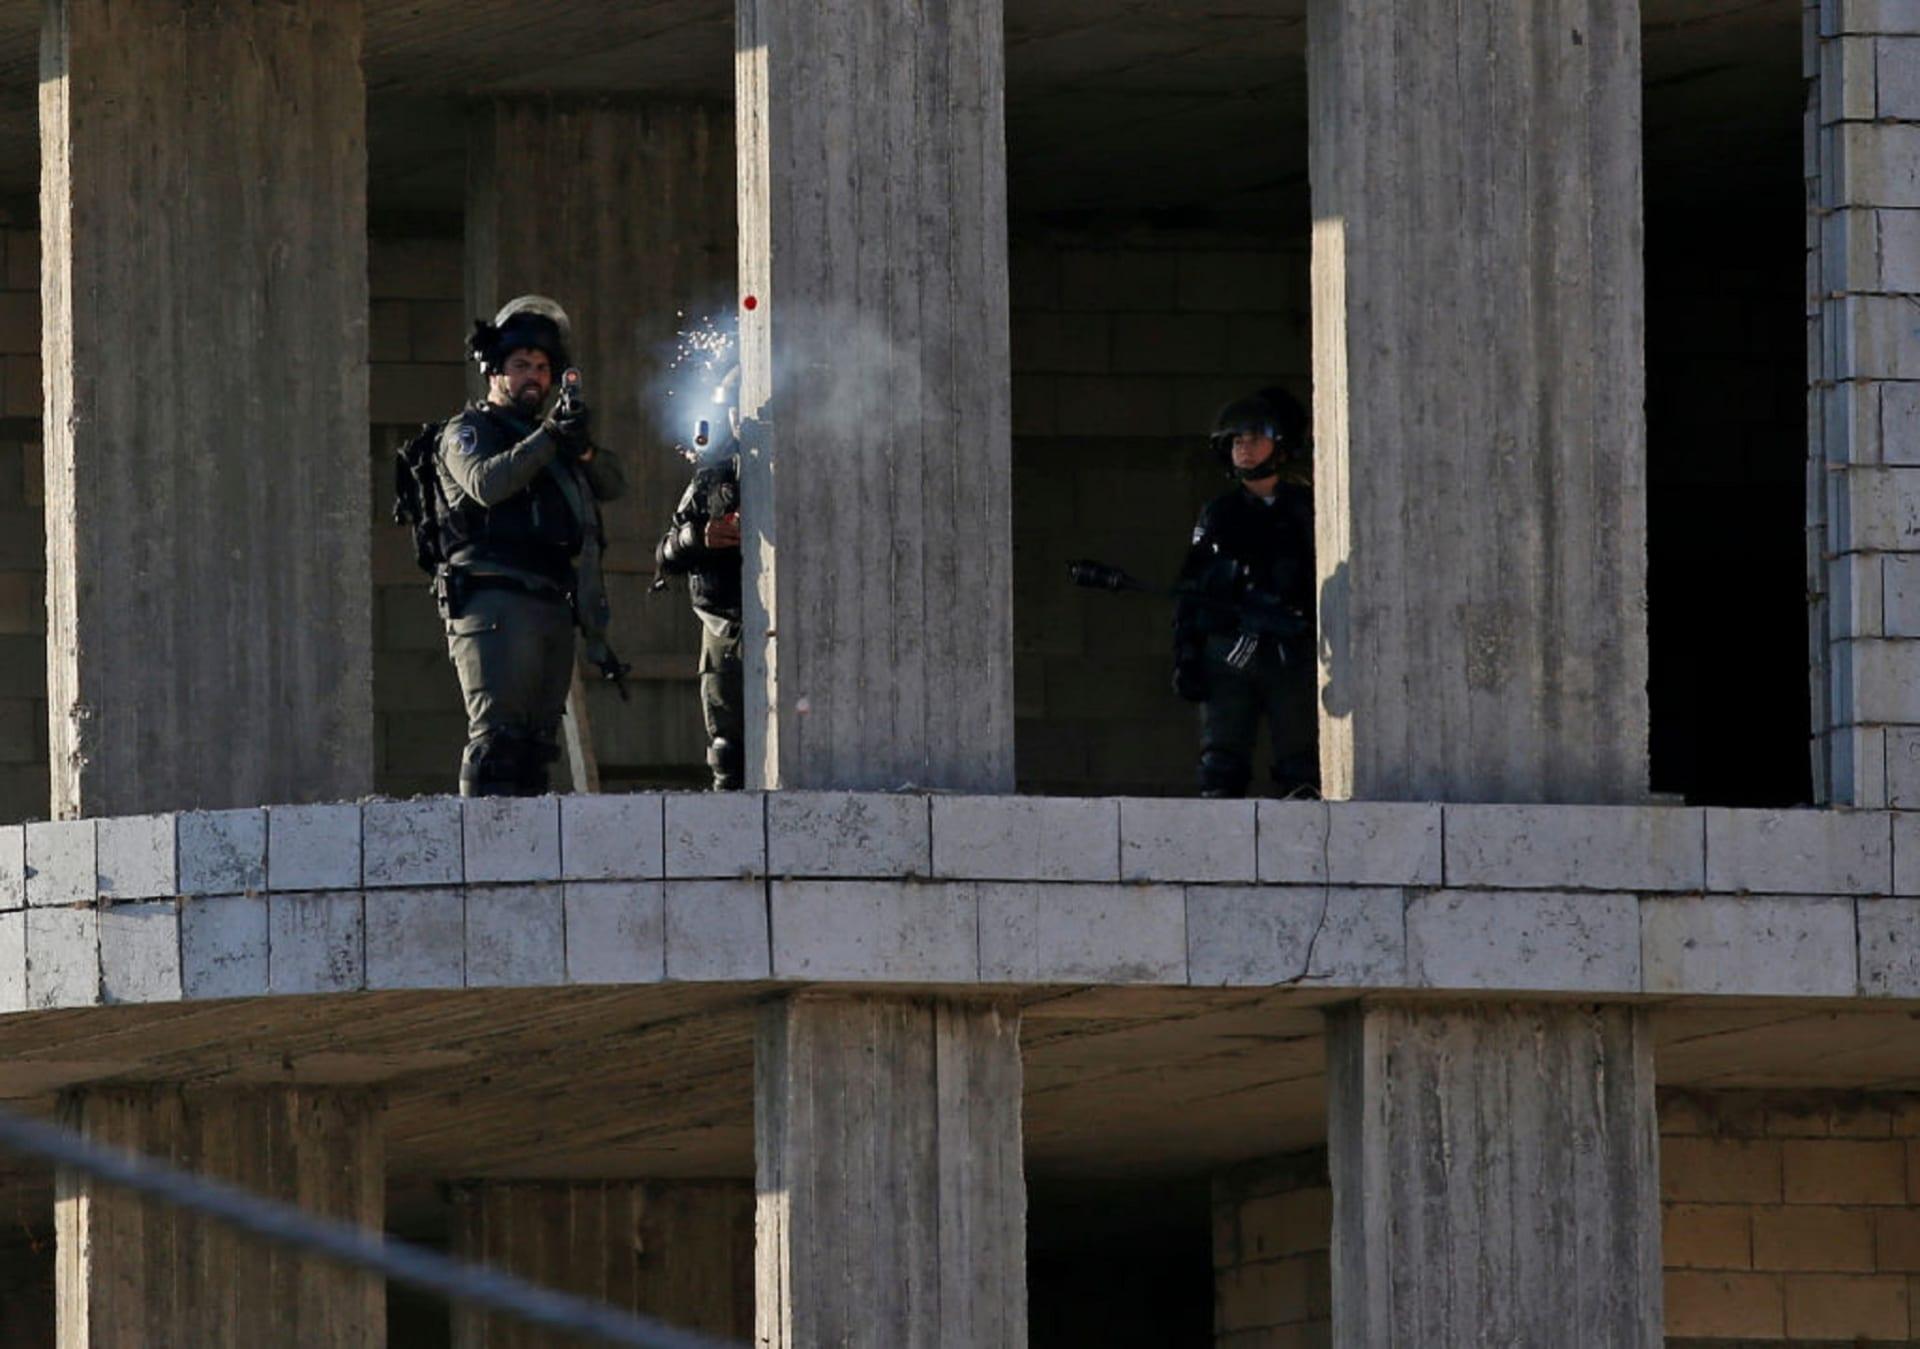 بعد اختبائه شهرين.. الجيش الإسرائيلي يعلن مقتل الفلسطيني نعالوة